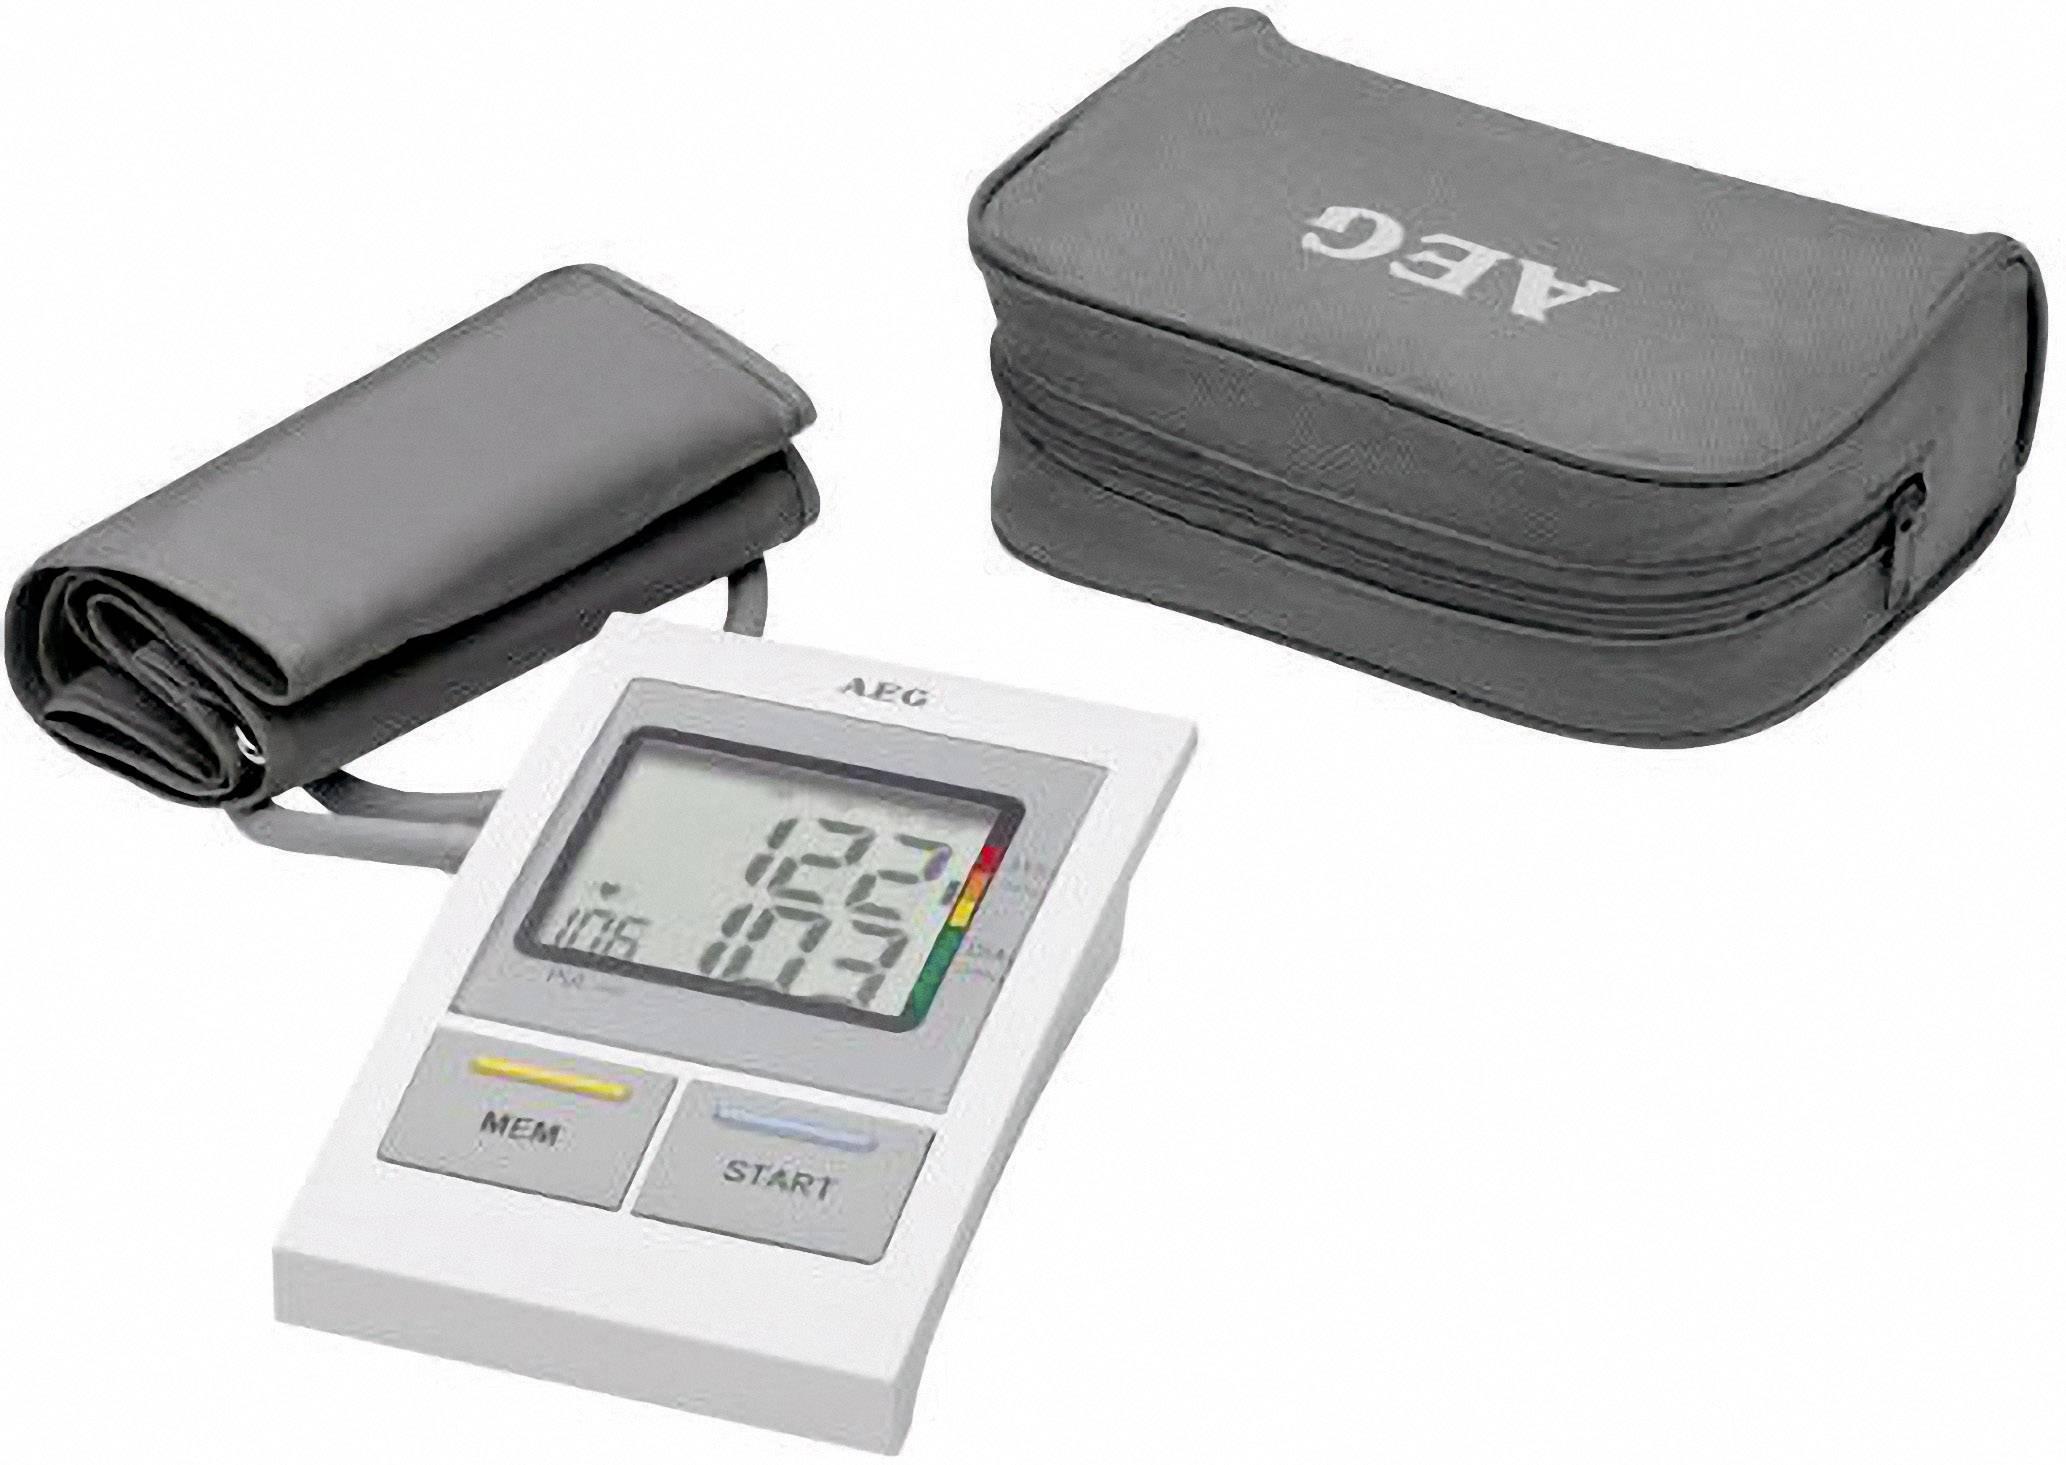 Felkaros vérnyomásmérő, AEG BMG 5612 ár, eladó - Conrad..